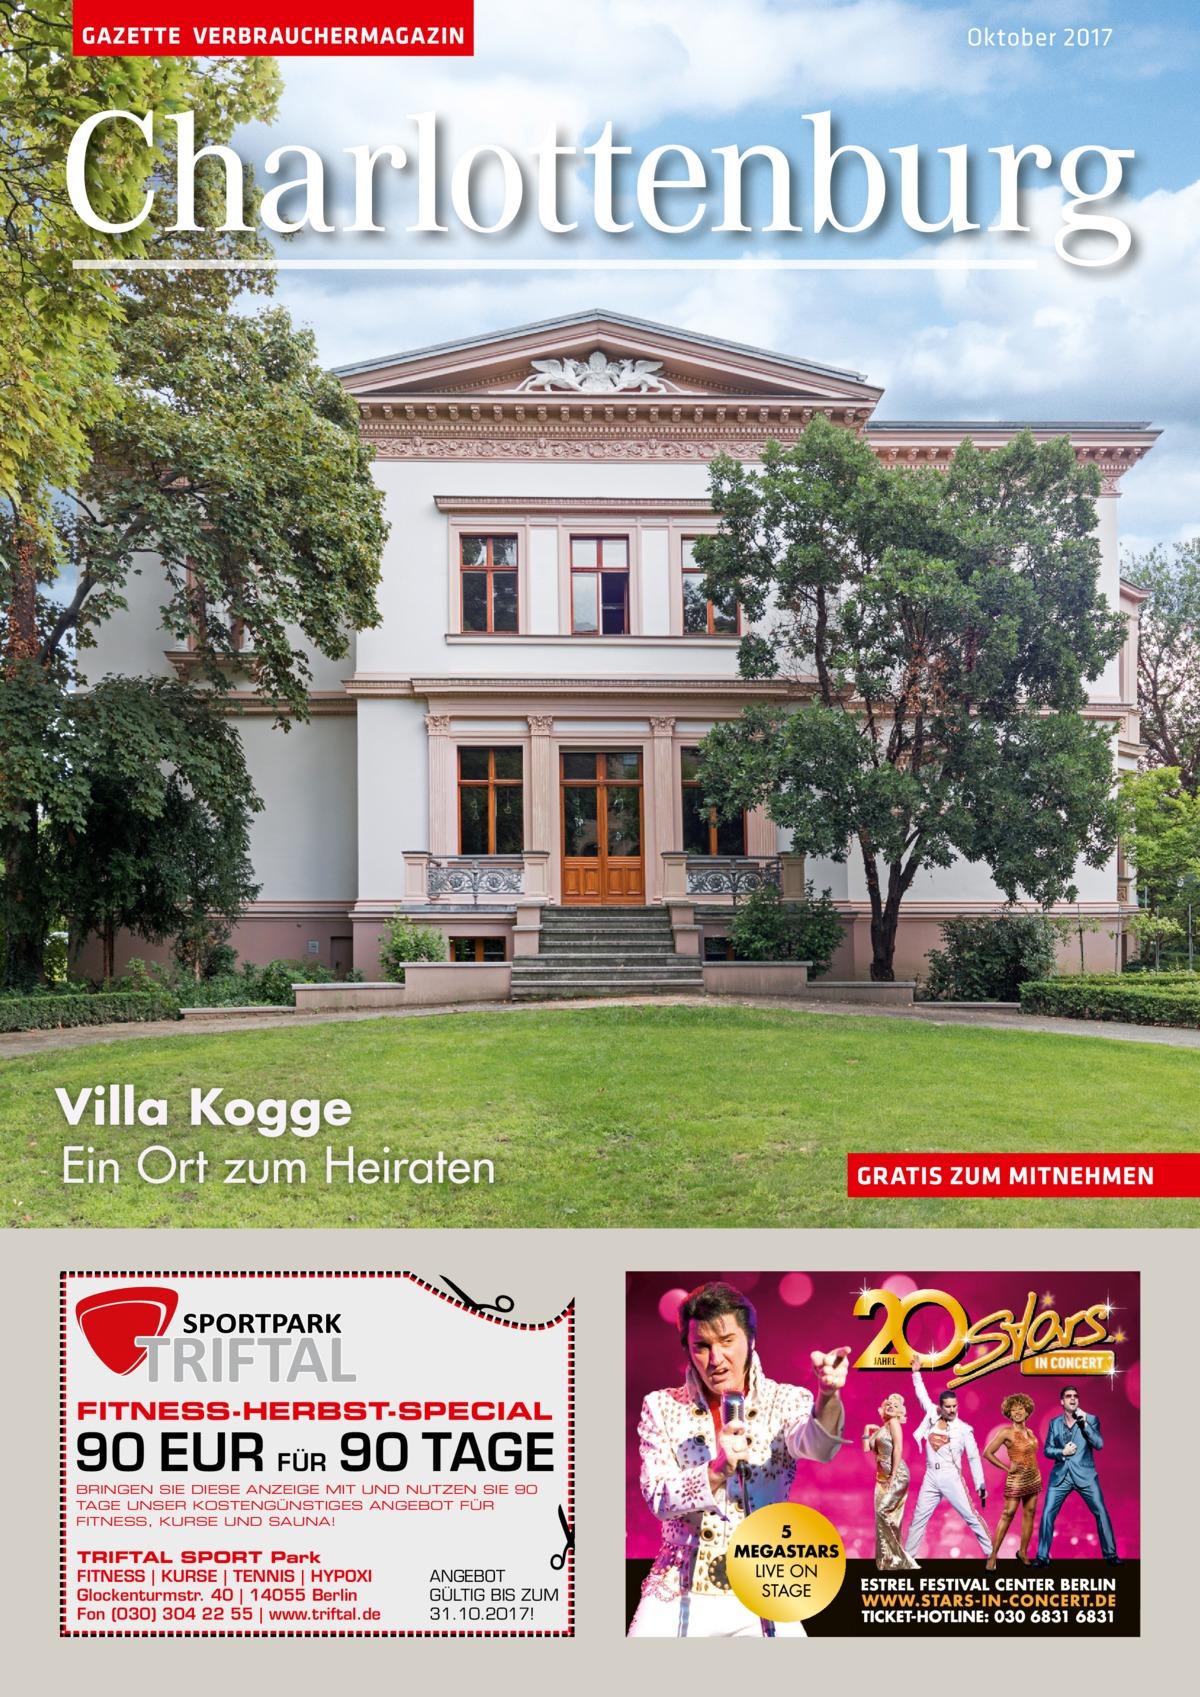 GAZETTE VERBRAUCHERMAGAZIN  Oktober 2017  Charlottenburg  Villa Kogge Ein Ort zum Heiraten  �  GRATIS ZUM MITNEHMEN  FITNESS-HERBST-SPECIAL  90 EUR FÜR 90 TAGE BRINGEN SIE DIESE ANZEIGE MIT UND NUTZEN SIE 90 TAGE UNSER KOSTENGÜNSTIGES ANGEBOT FÜR FITNESS, KURSE UND SAUNA!  TRIFTAL SPORT Park FITNESS | KURSE | TENNIS | HYPOXI Glockenturmstr. 40 | 14055 Berlin Fon (030) 304 22 55 | www.triftal.de  �  ANGEBOT GÜLTIG BIS ZUM 31.10.2017!